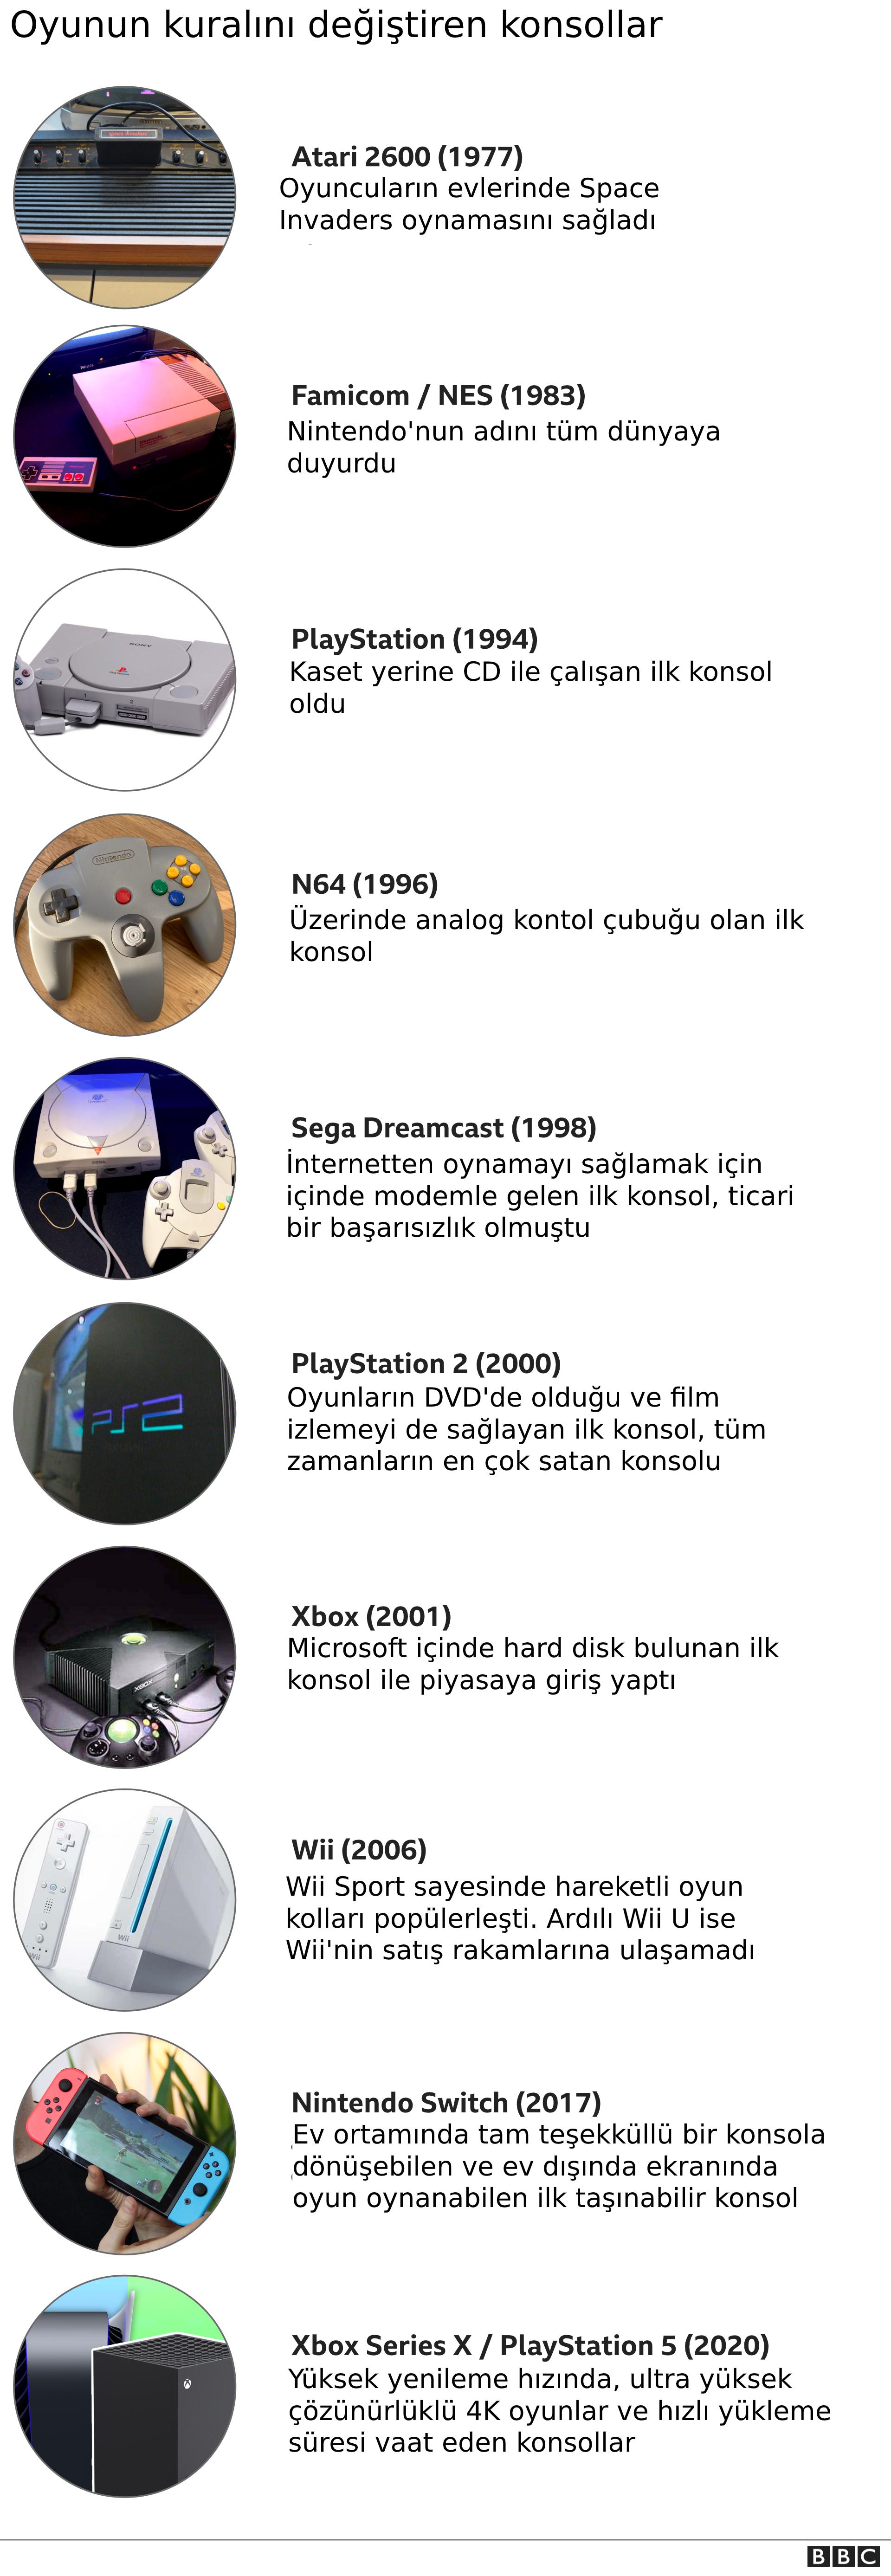 konsolların tarihi